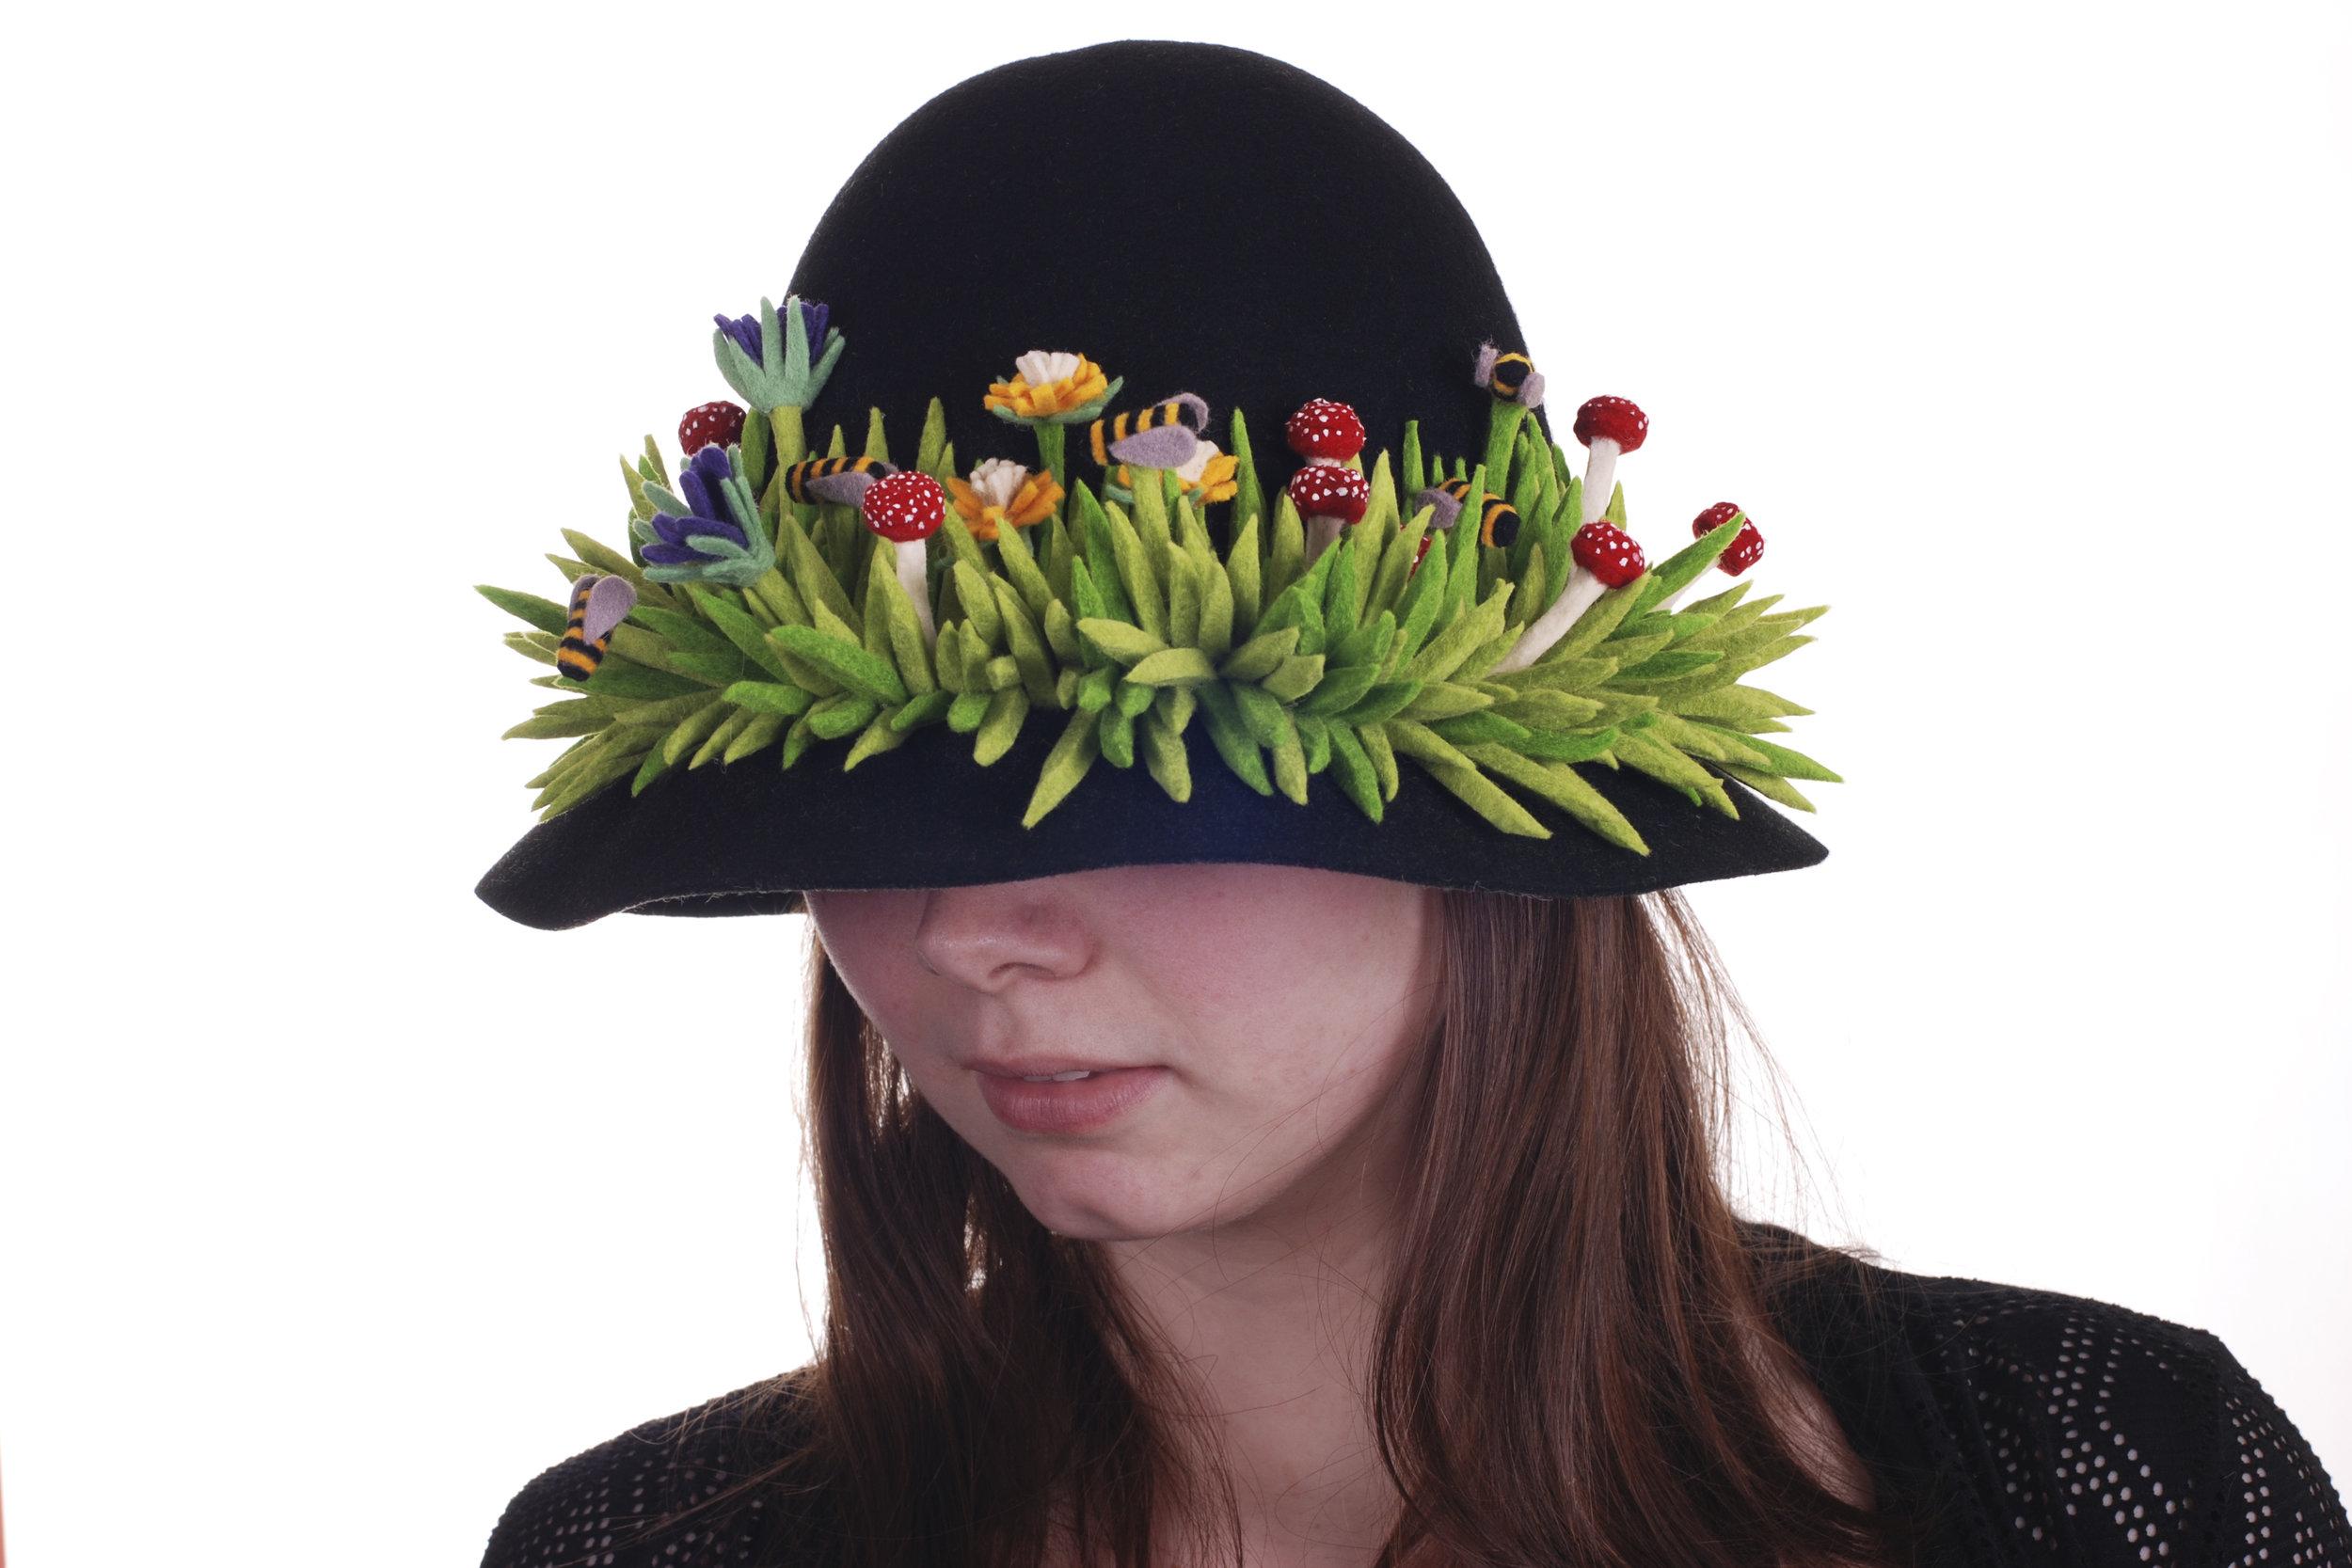 grass hatt on kelsey.jpg